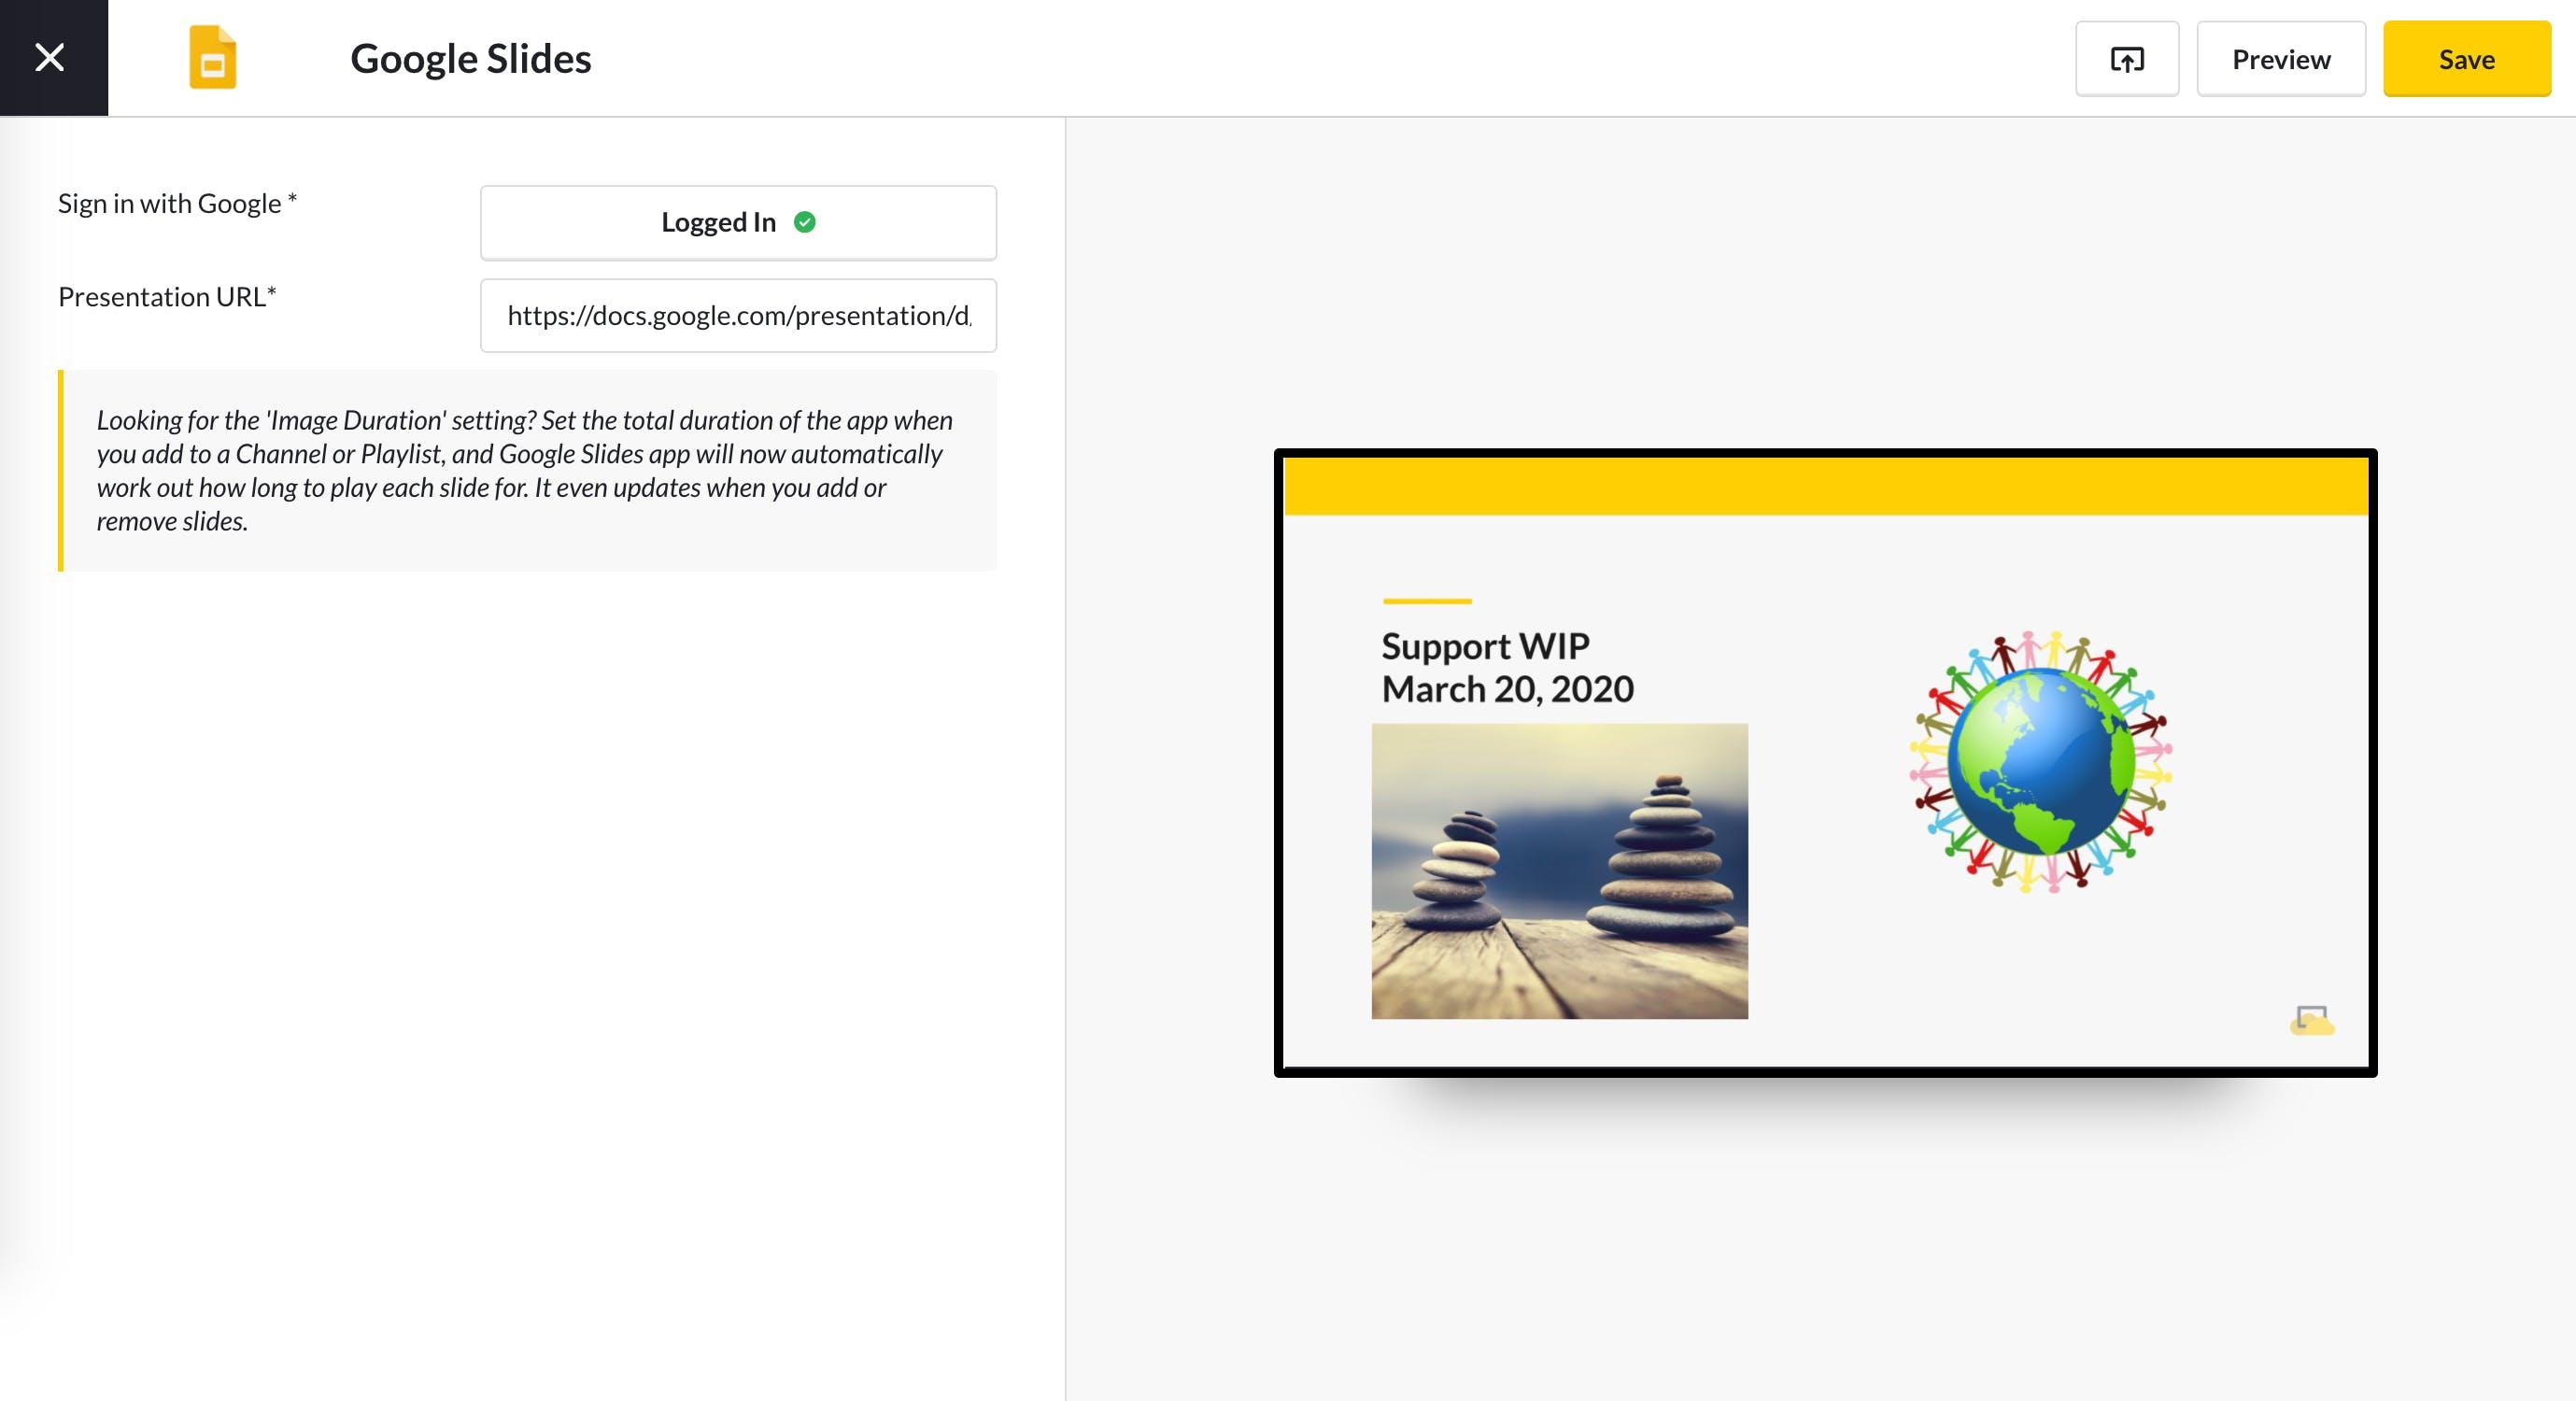 Google Slides App Guide - Setup app 5.13.2020.png